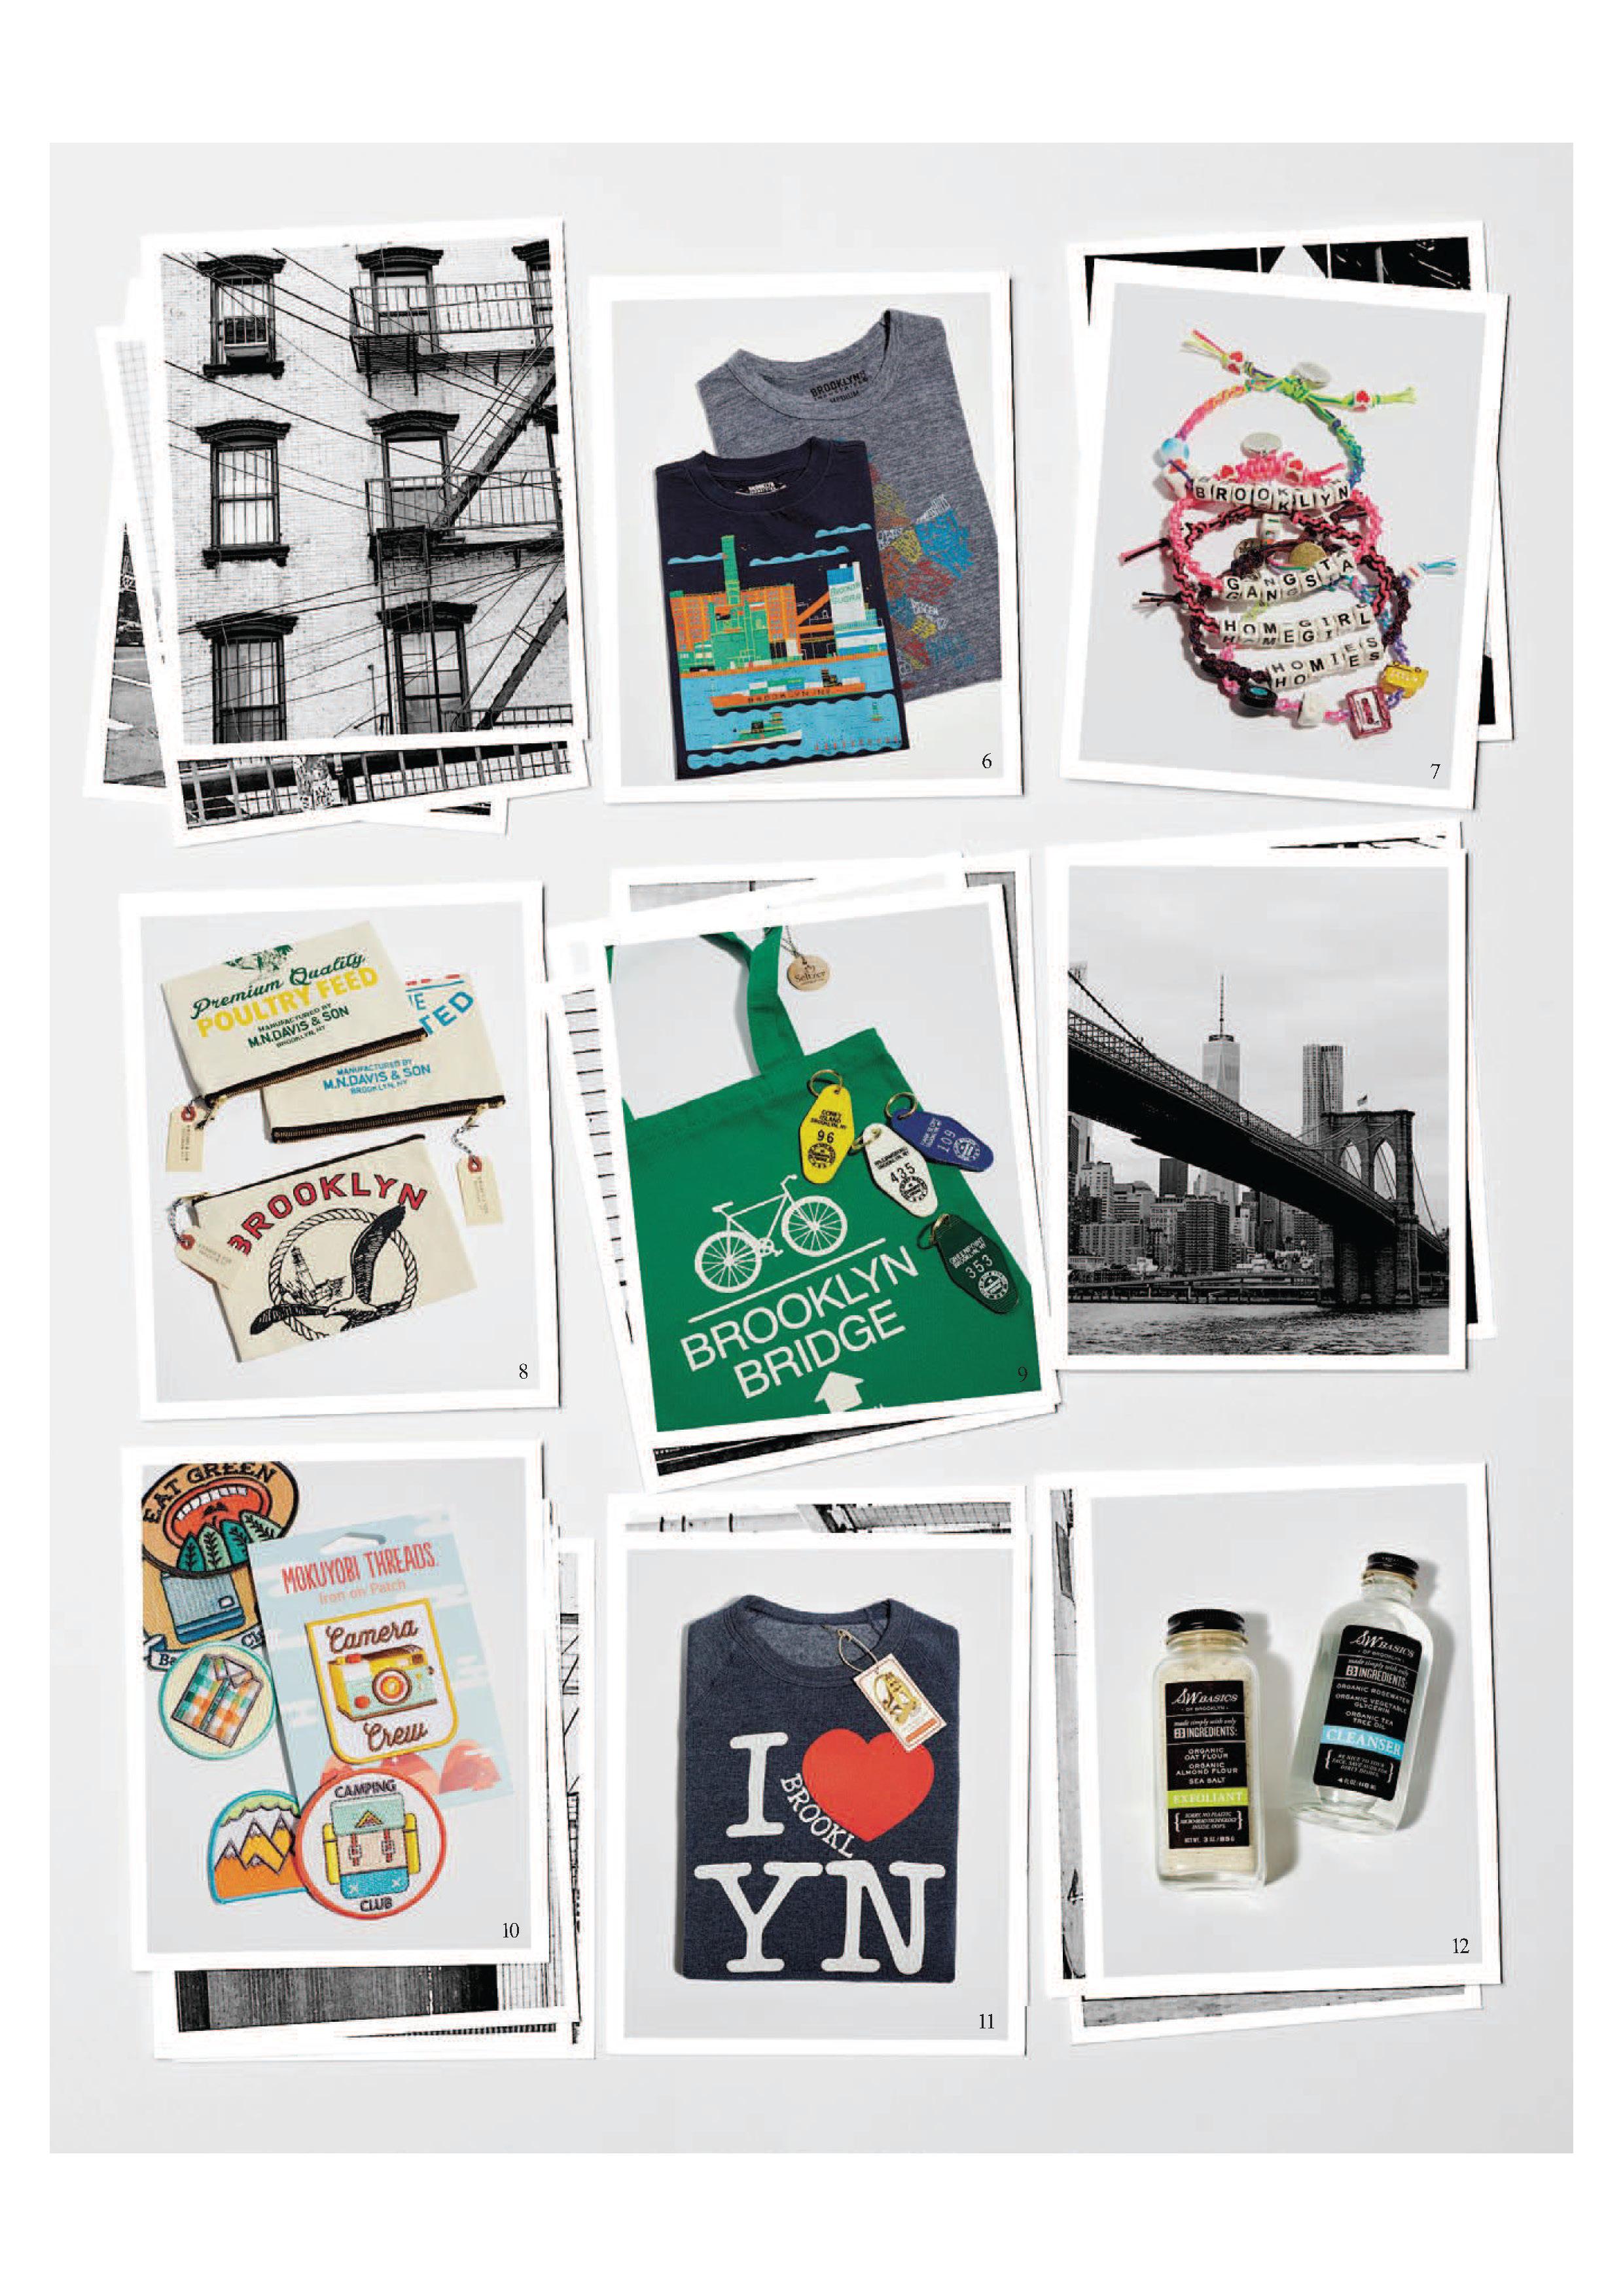 bm-esprit-brooklyn-2-ah15_Page_029.jpg